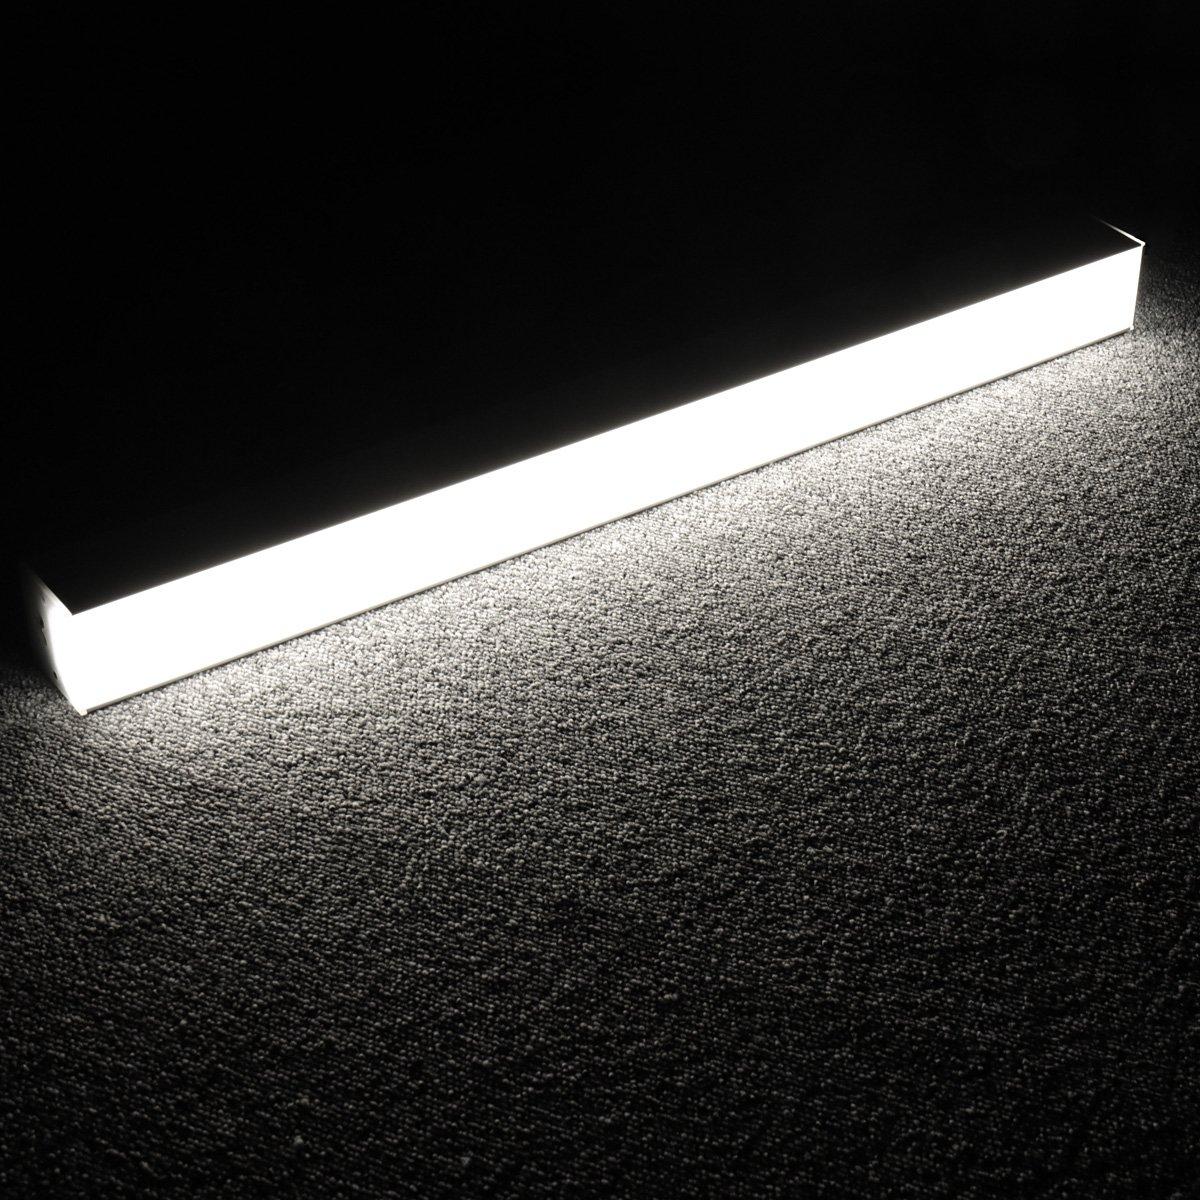 Lagute LEDGo DIYリニアモジュールLEDライトと電源コード、1.8 mオフィス、ガレージ、ワークショップ、サスペンション用の自由に組み立て可能なDIY照明壁掛けデイライト5000K-クールホワイト2FT 20W